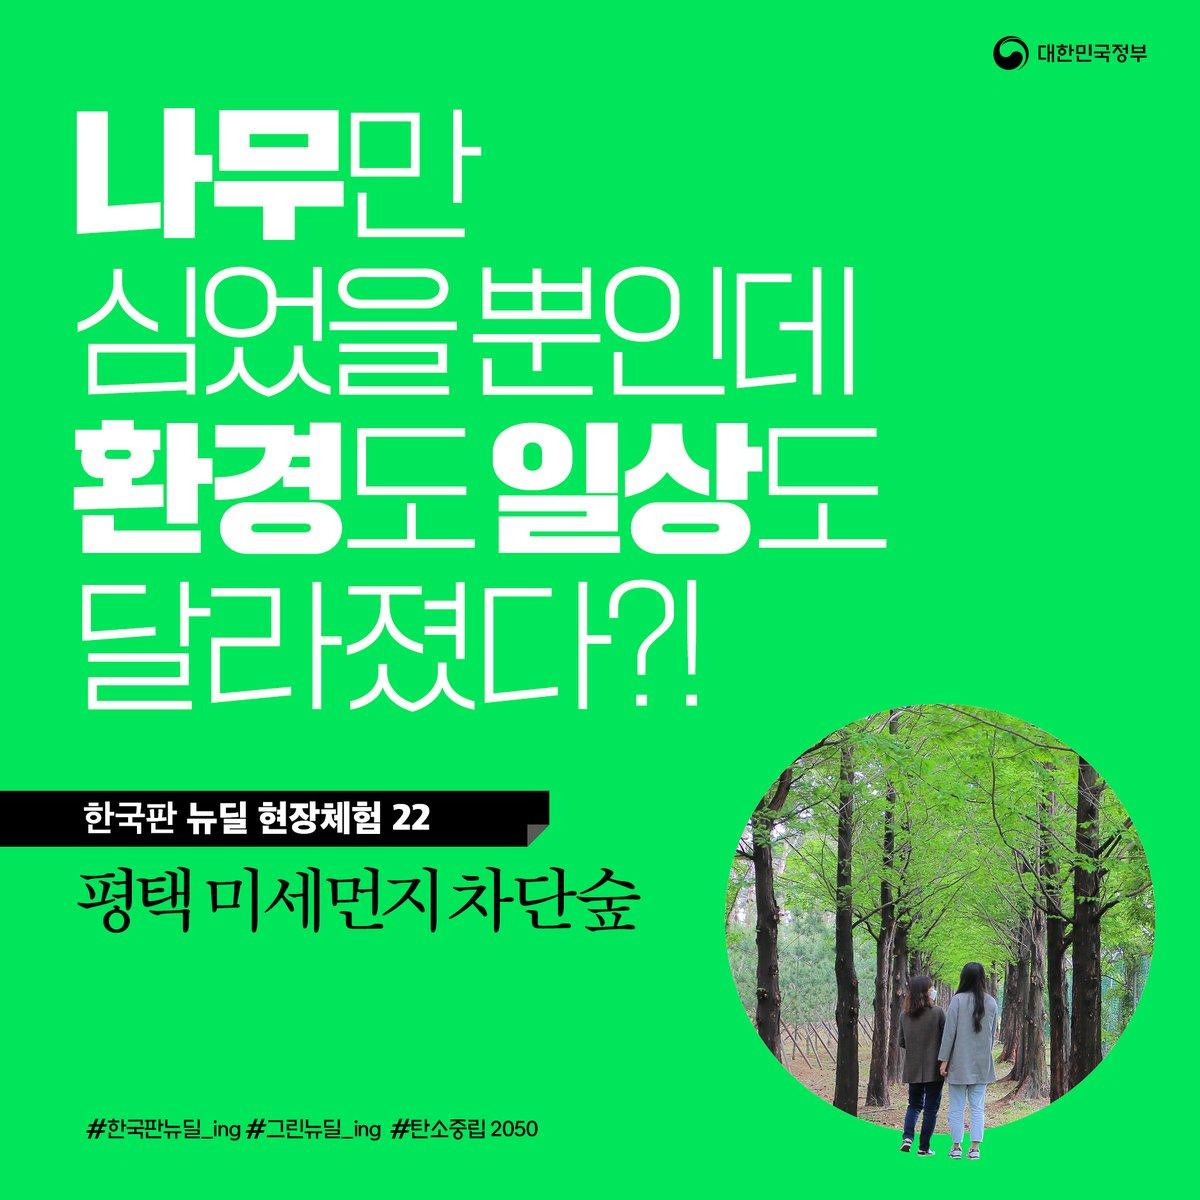 """#한국판뉴딜_현장체험#평택_미세먼지_차단숲""""나무만 심었을 뿐인데미세먼지 매우 나쁨지역이우리 동네 공기청정기가 됐다?""""미세먼지 차단은 물론 소음과 냄새 해소까지!1석 3조 효과 있는 도시숲,평택시 포승산단 미세먼지 차단숲의신선한 공기 전해드립니다https://t.co/GqTiFOQTJW https://t.co/6wOM55yUFS"""